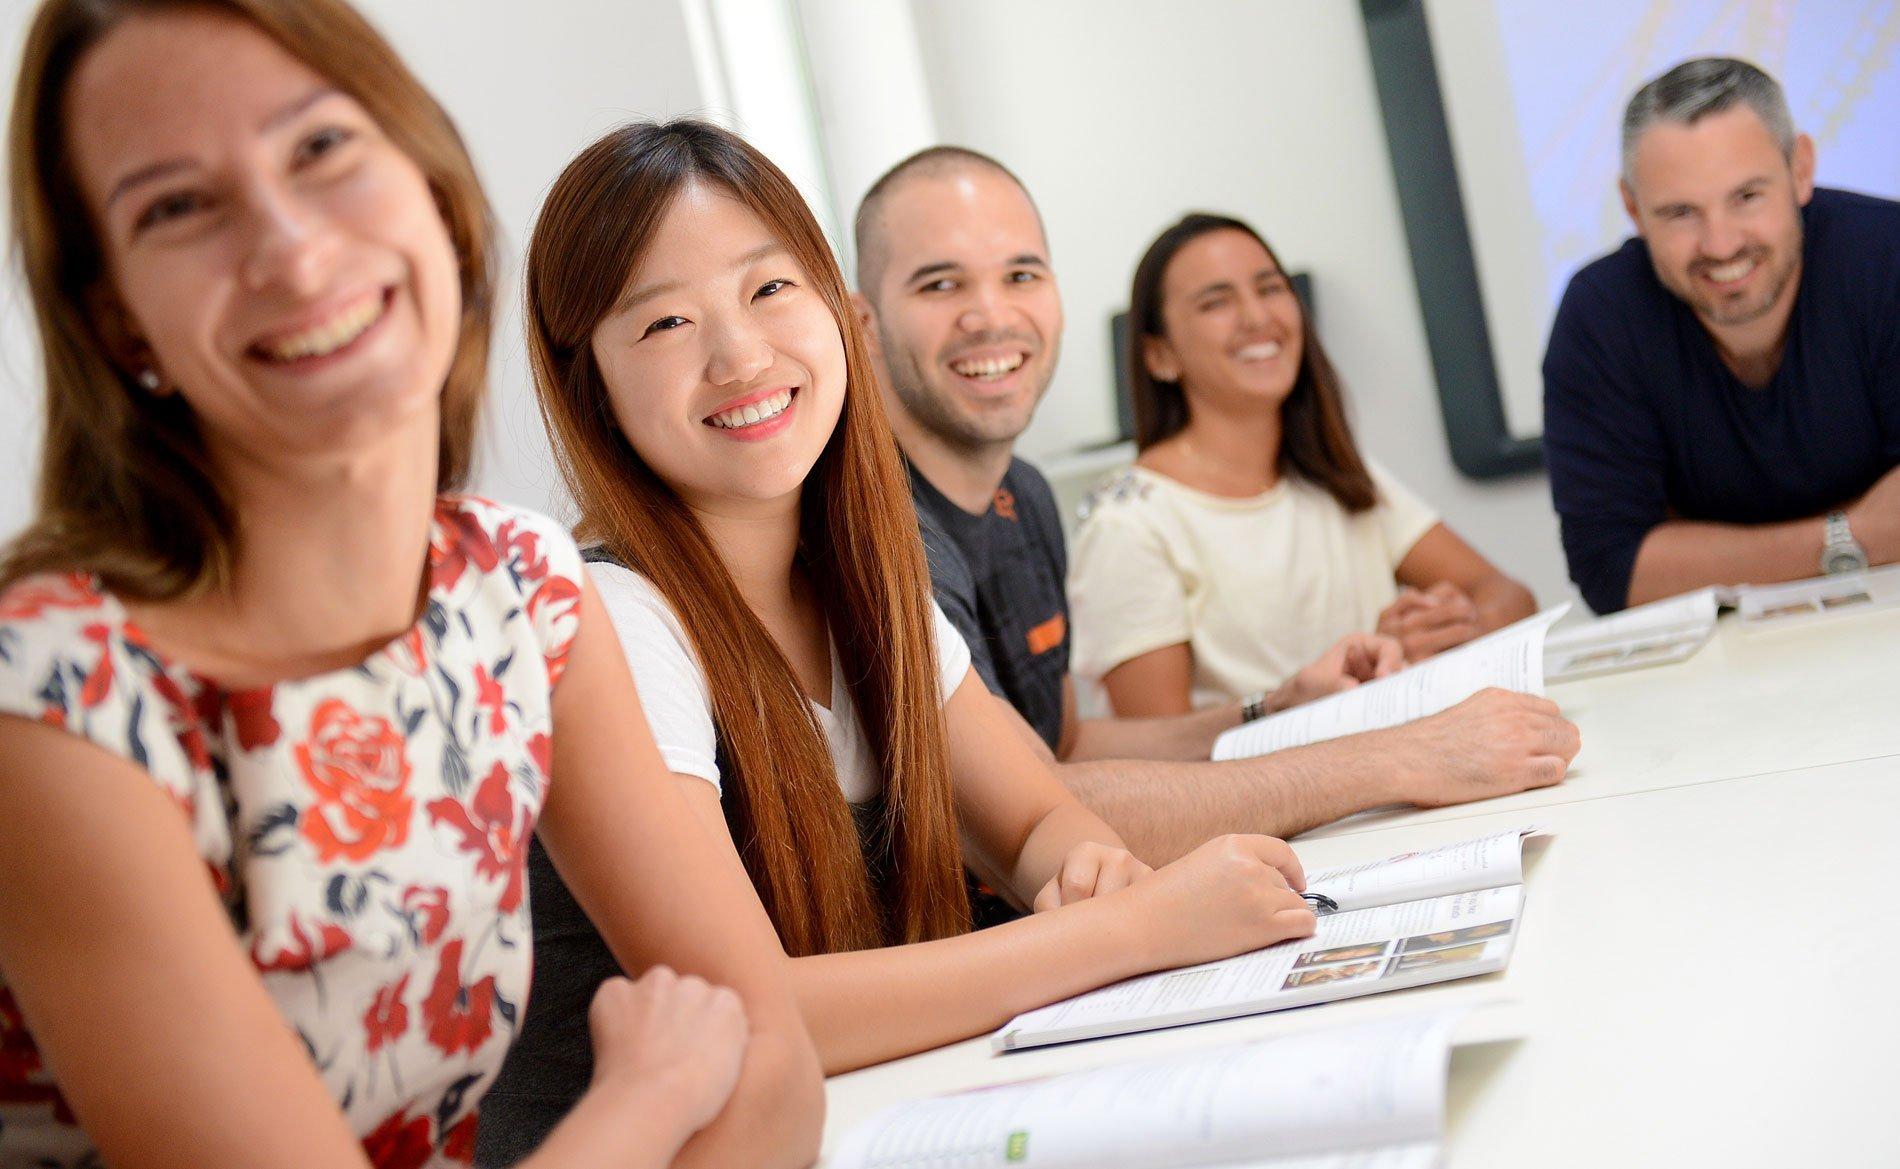 Corso di inglese all'estero. Per quanto tempo?